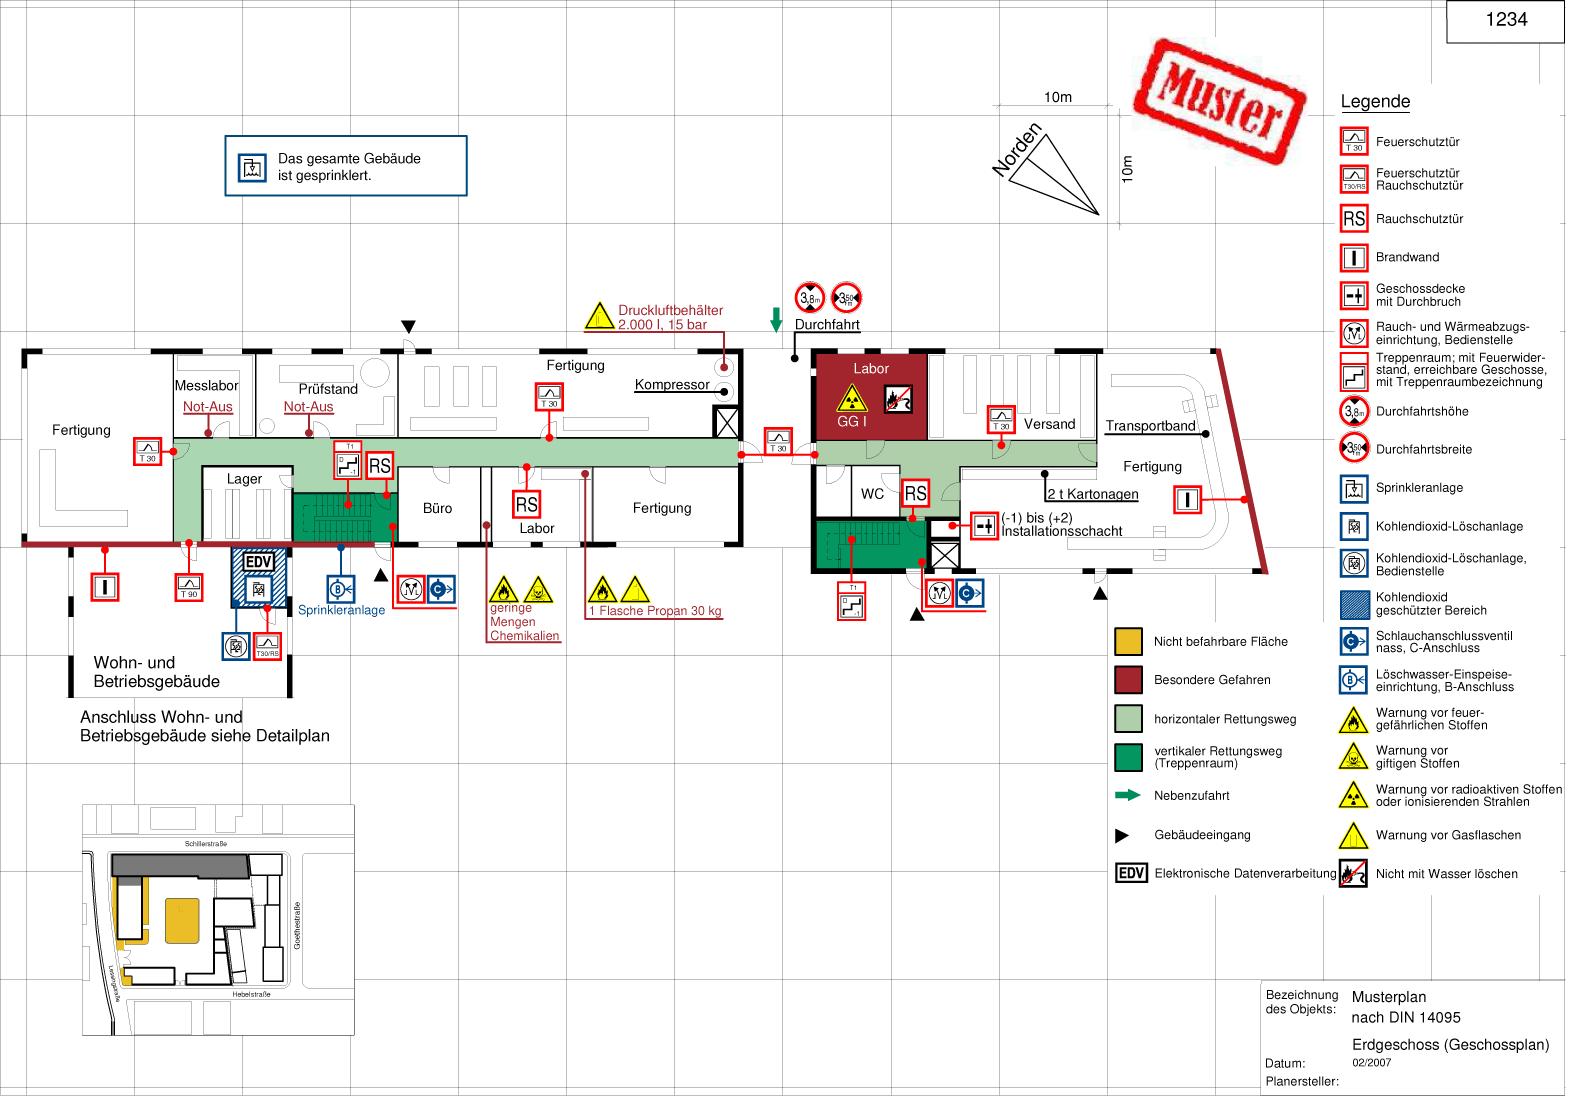 Erstellung Von Feuerwehrplanen Physikburo Seeger 6